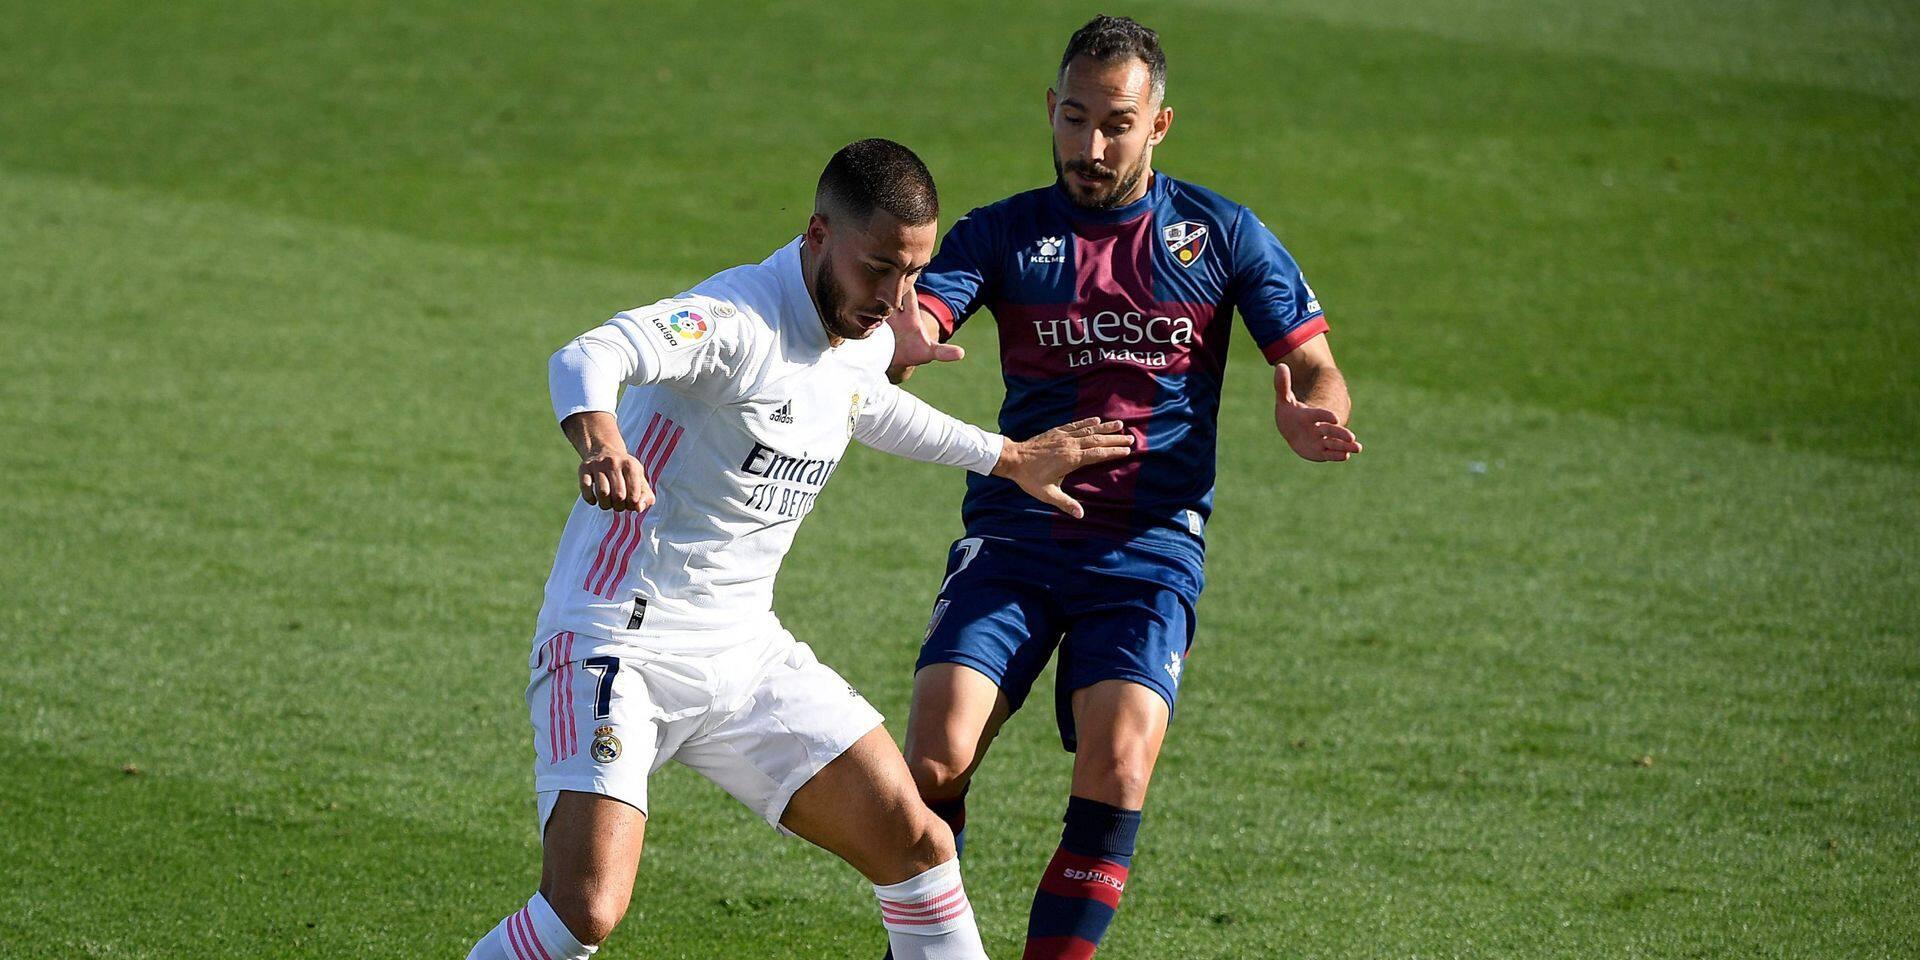 Eden Hazard négatif au coronavirus : le Diable Rouge pourra jouer samedi face à Villarreal